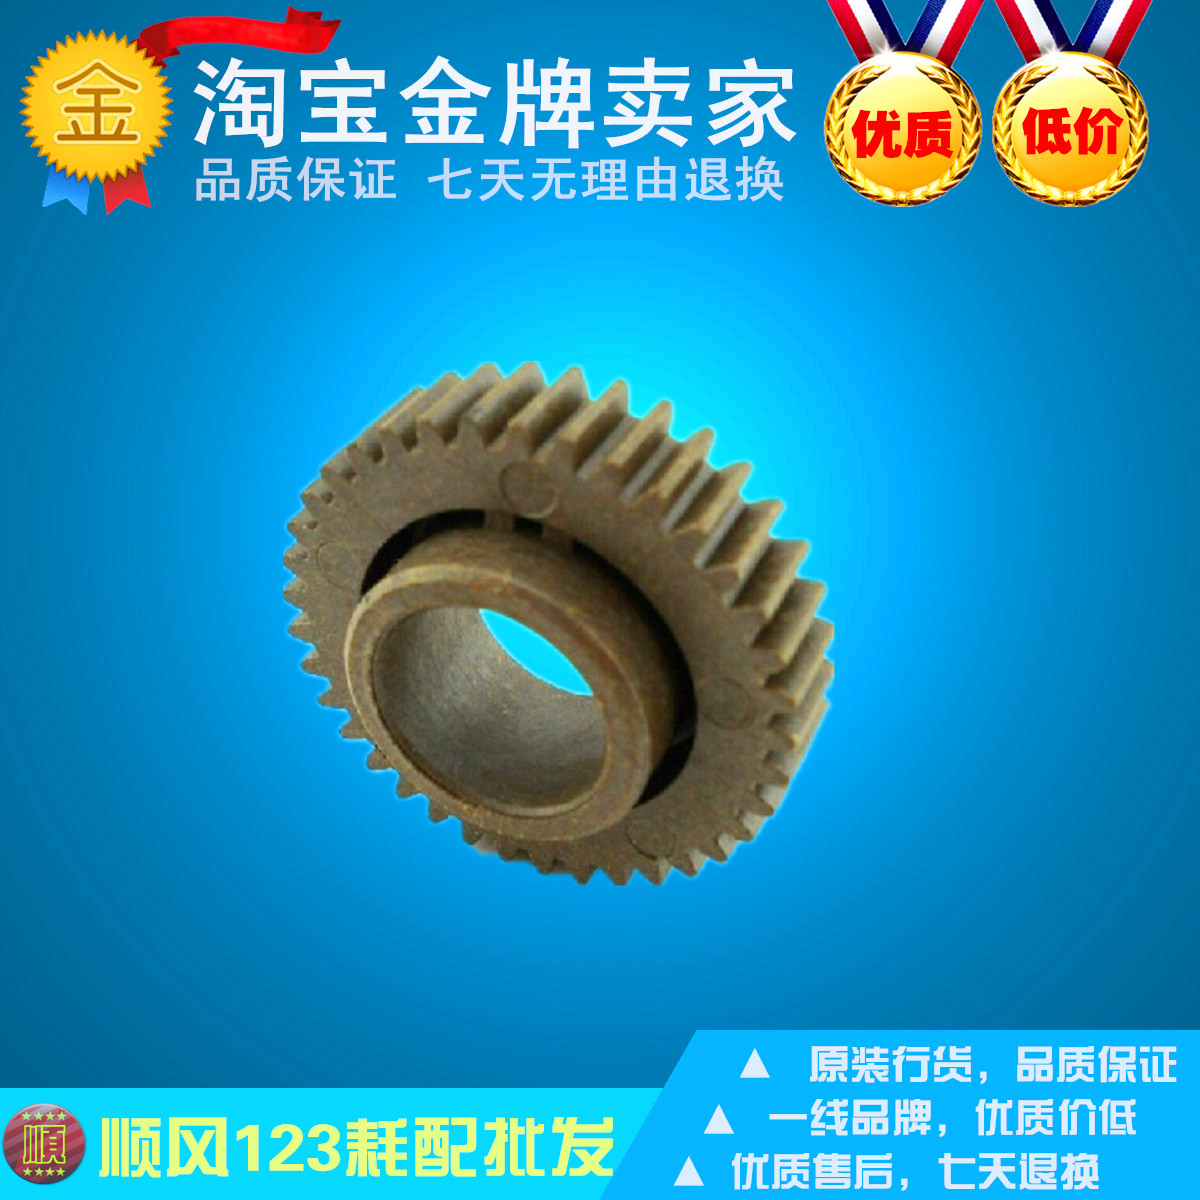 Шестерни термоблока для принтера Для Samsung 1710 4200 4300 4521f многофункциональное 1610 2010 4321 для фиксации шестерни крепления шестерни